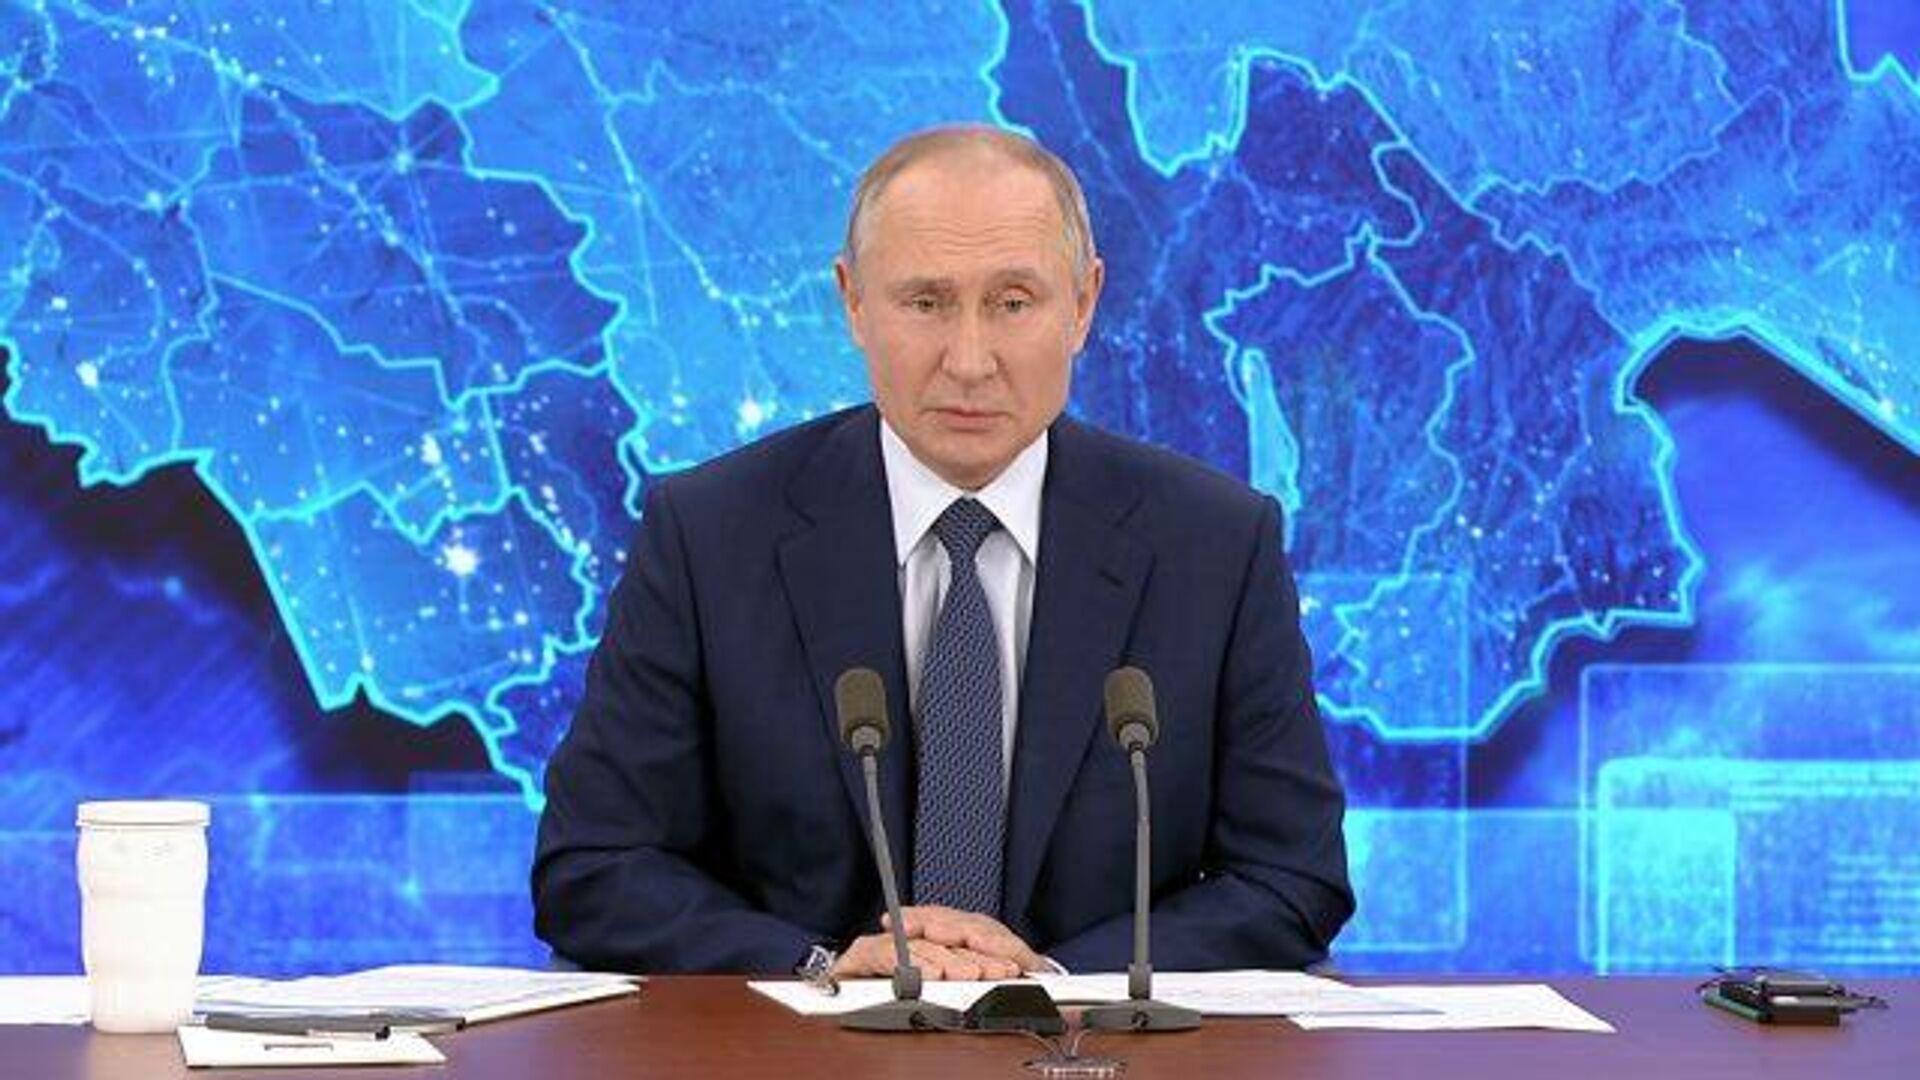 Путин прокомментировал скандальное видео с Дзюбой - РИА Новости, 1920, 17.12.2020